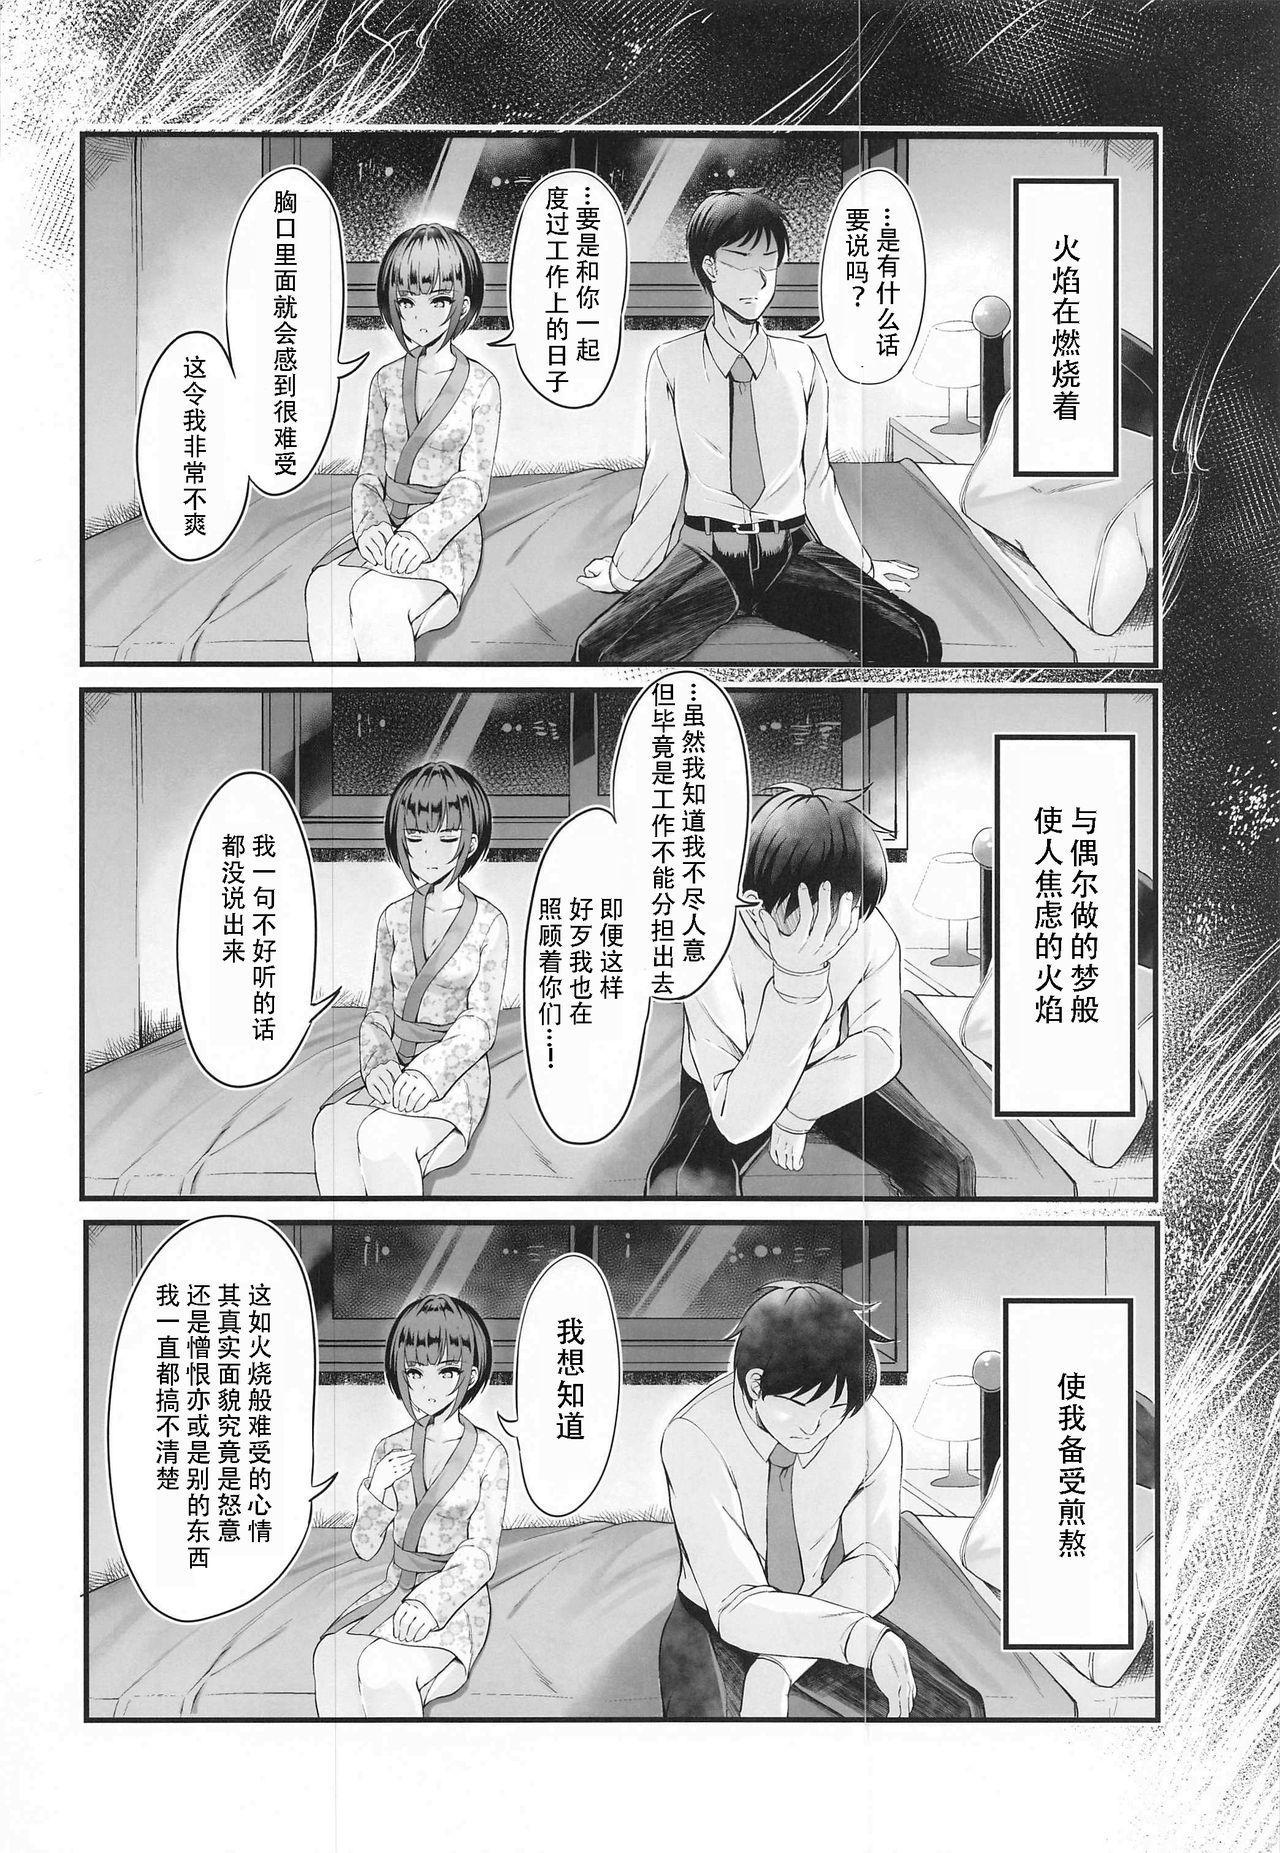 Koi no Maho to Shirayukihime 9